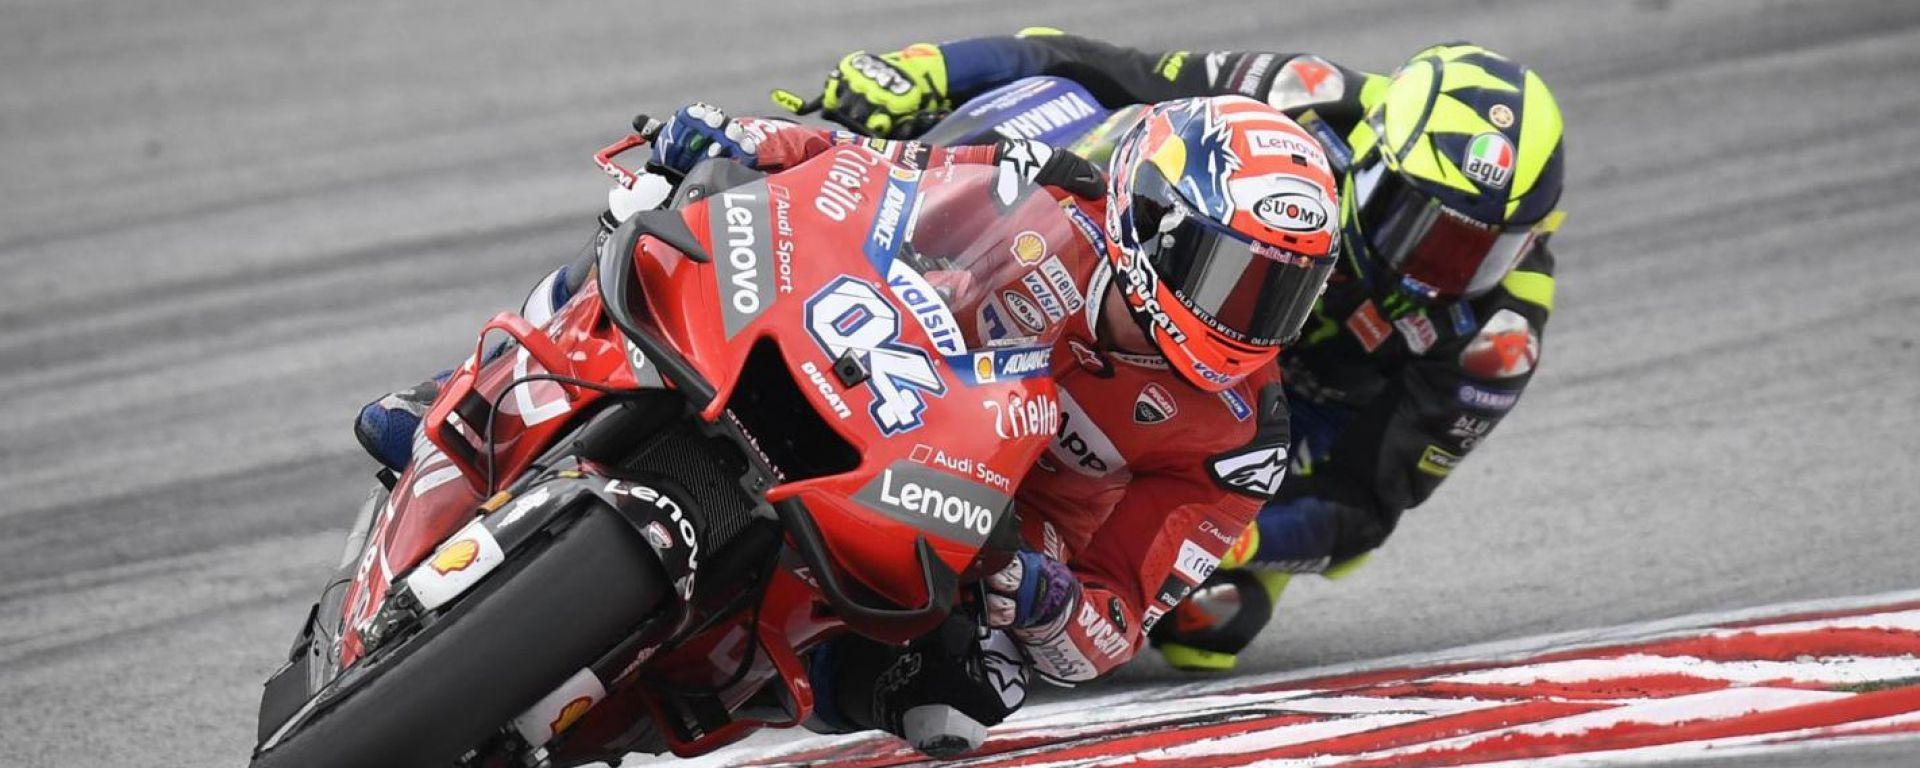 Andrea Dovizioso (Ducati) e Valentino Rossi (Yamaha), 2019